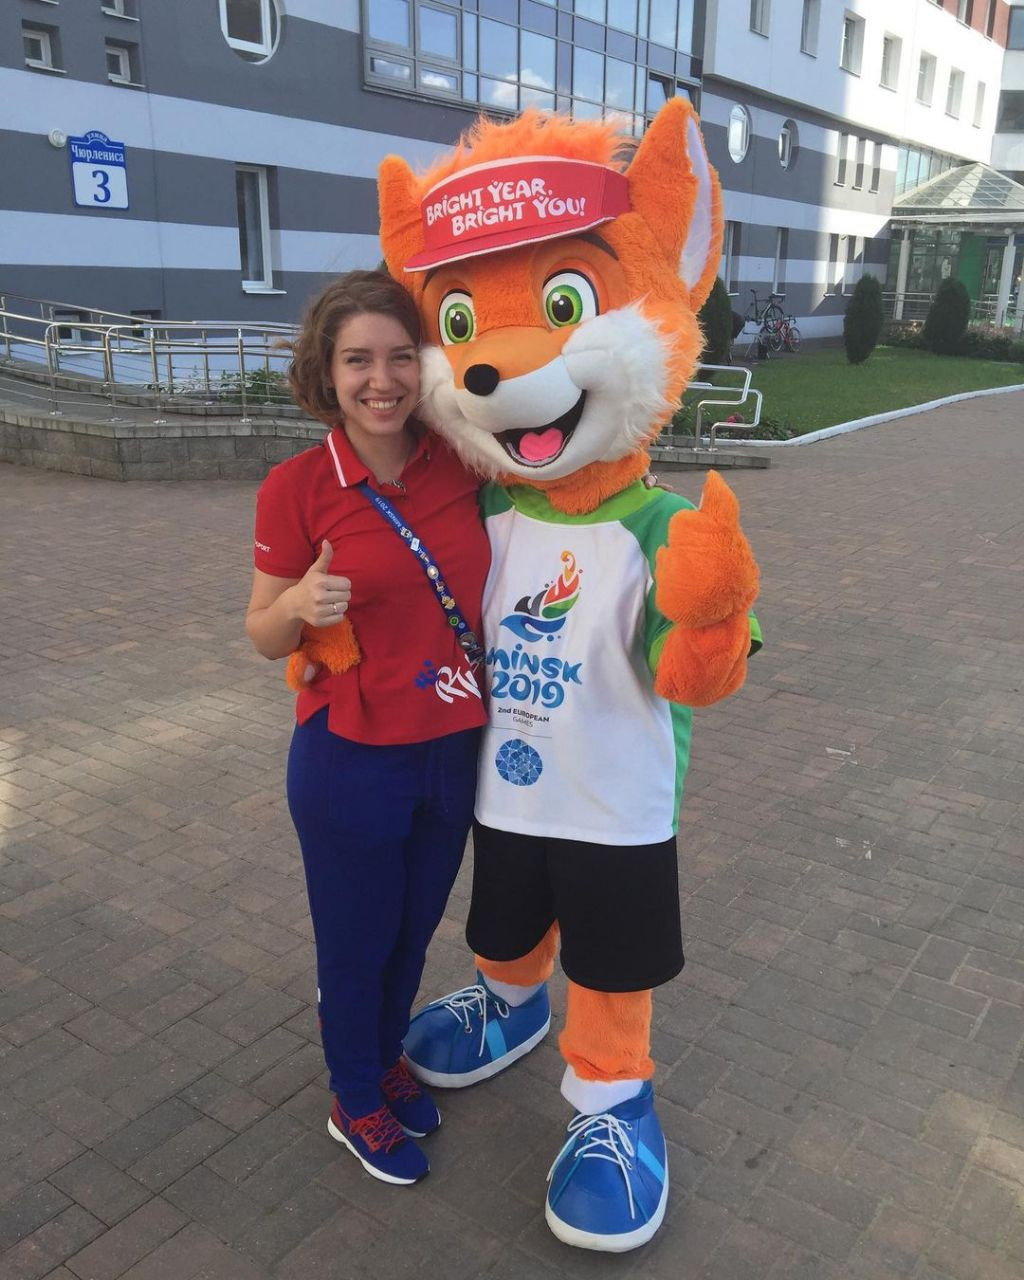 Виталина Бацарашкина: биография, семья, дети, где живет, сколько лет, фото, Олимпиада 2021